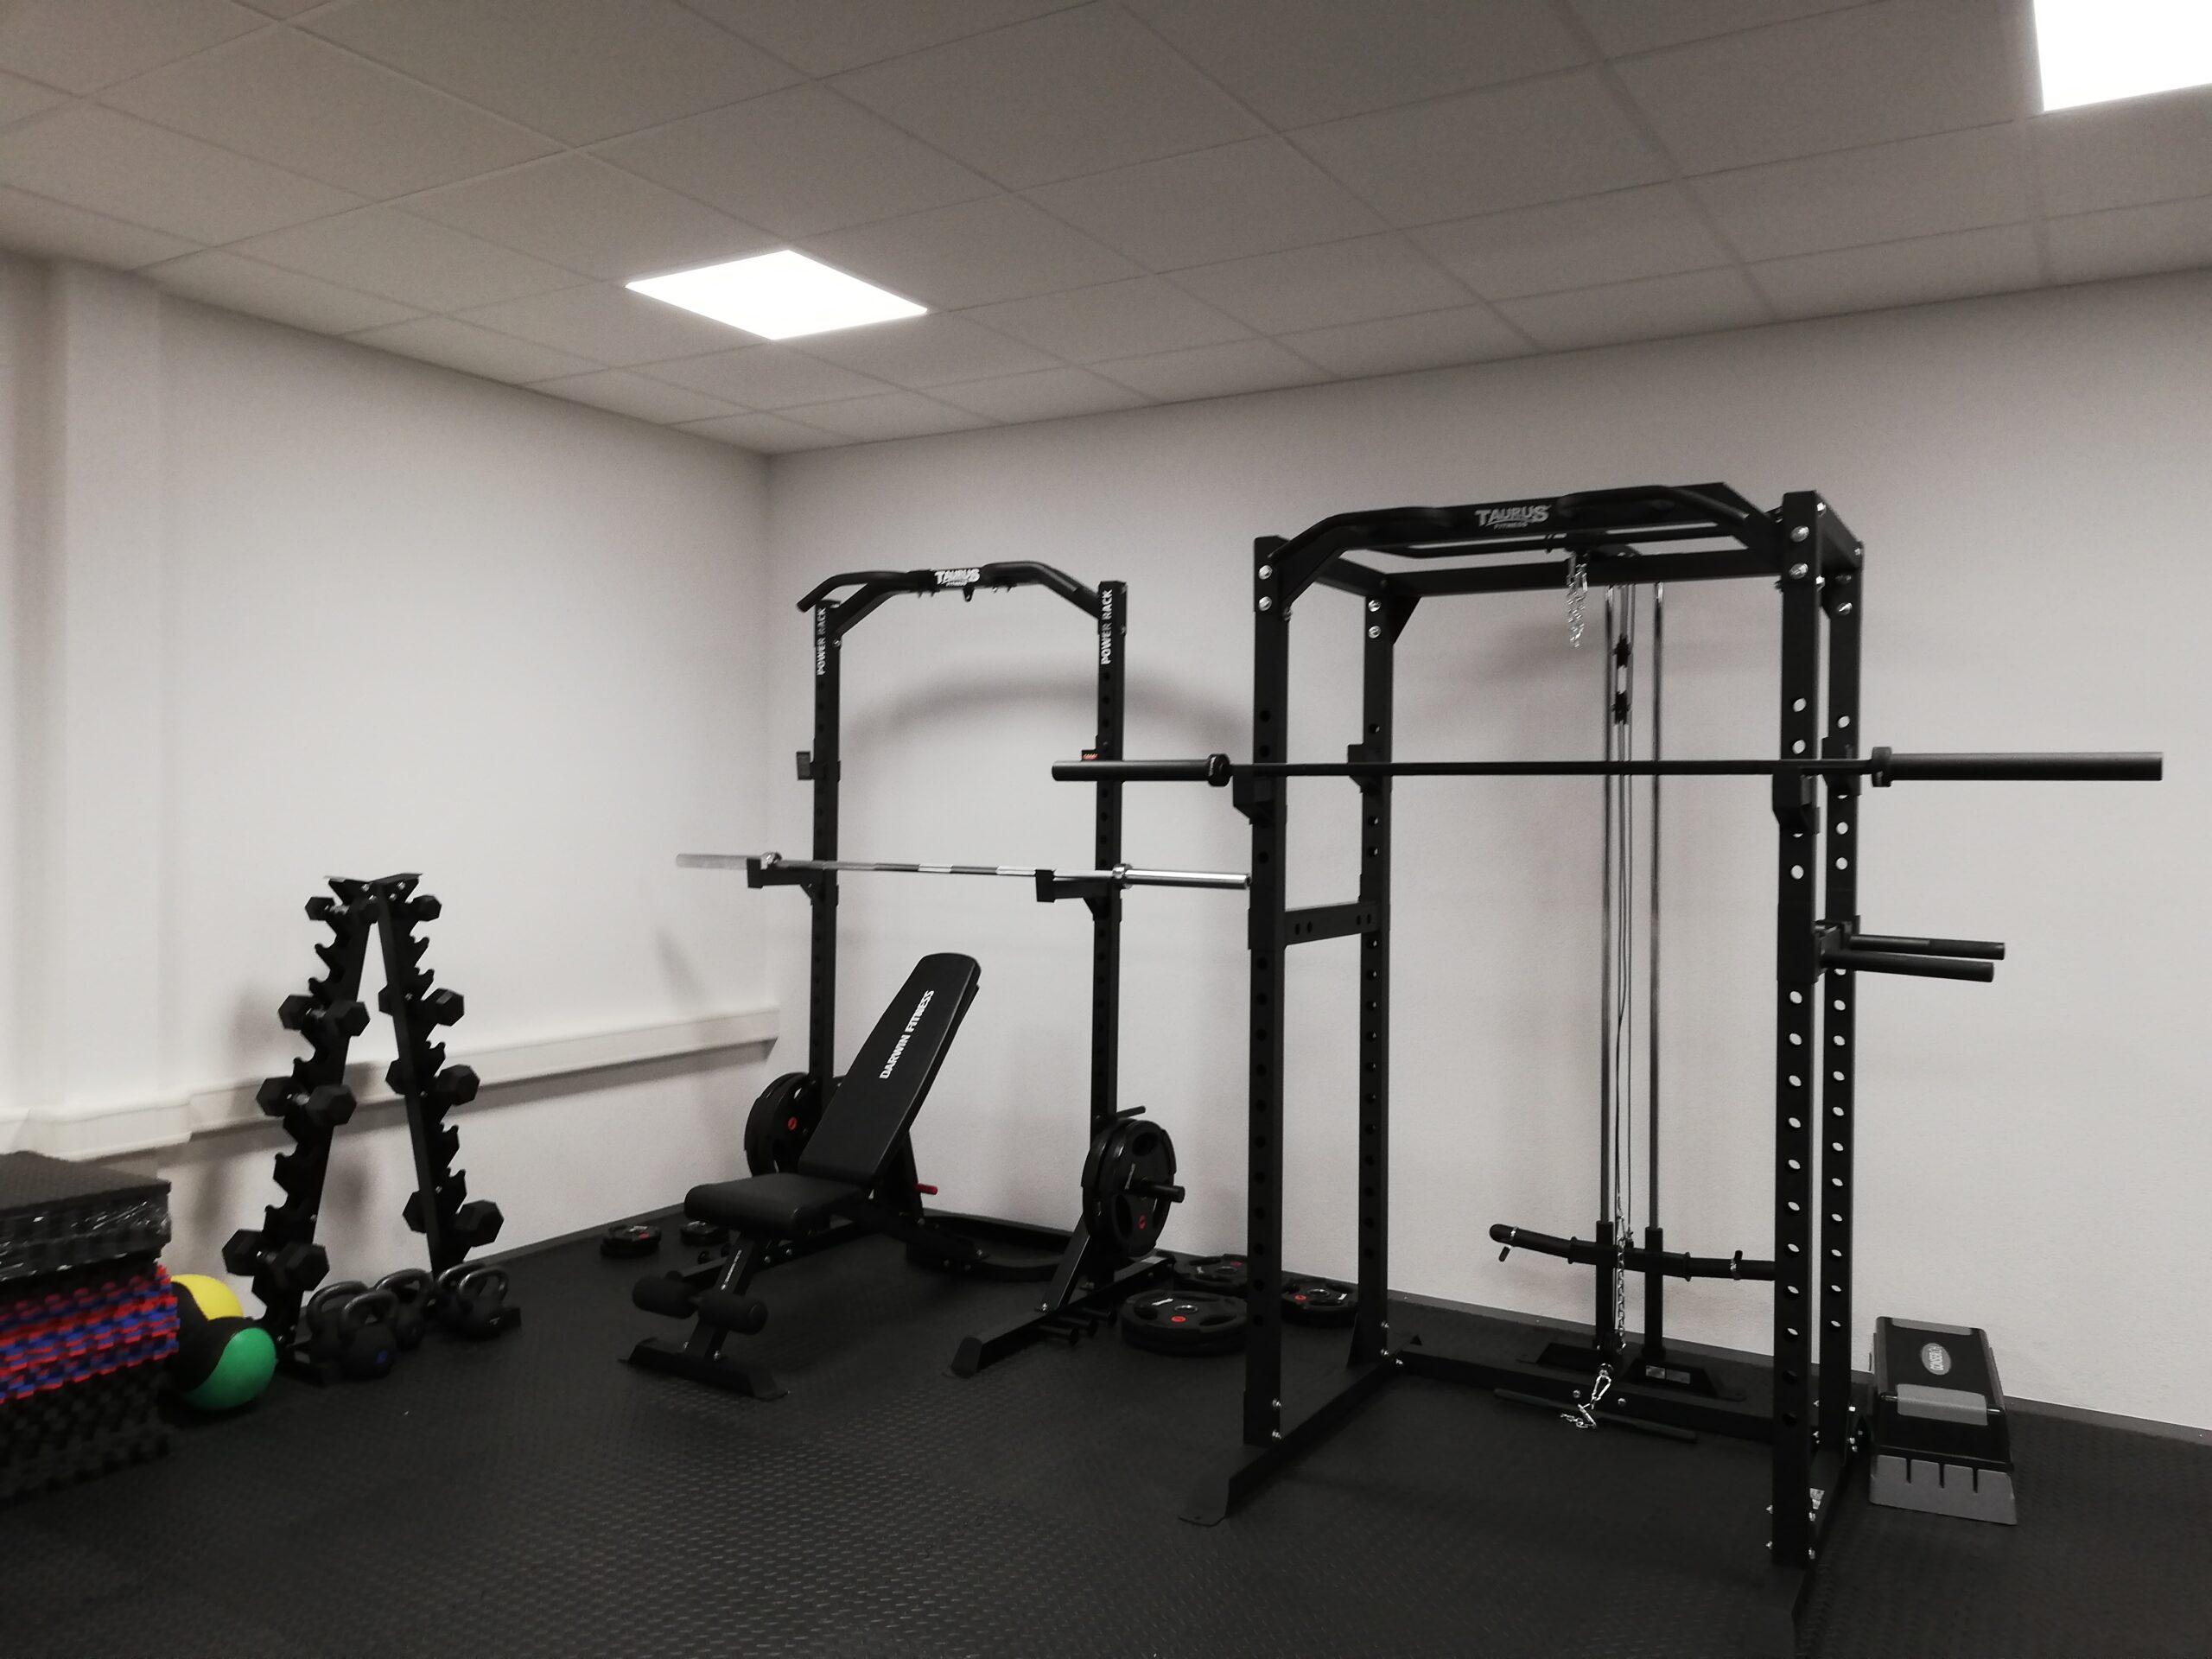 Athletix Evolution - Magnifiques Squat Racks chèz nous - Locaux Activité et services